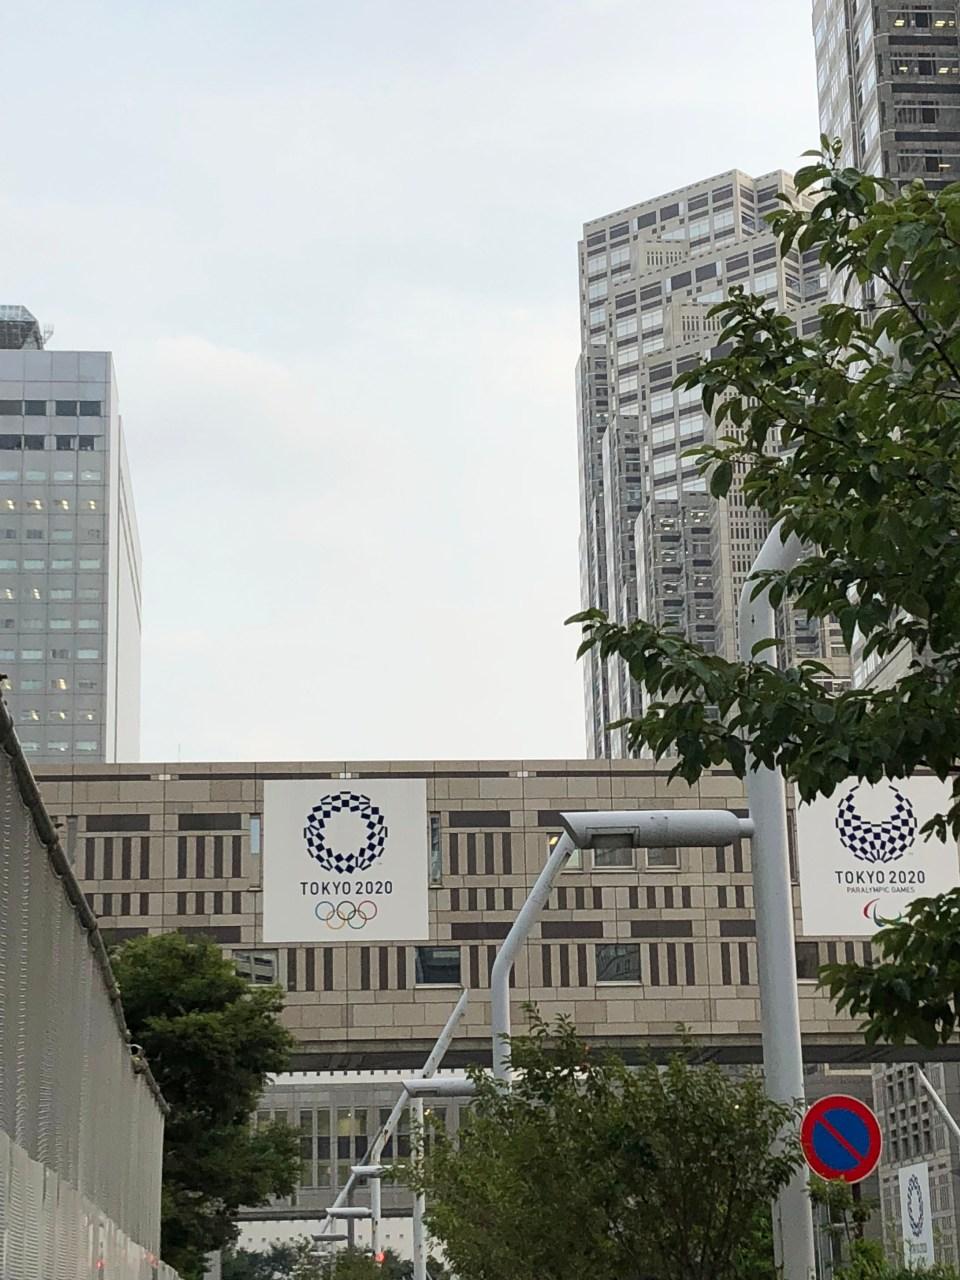 Tokyo 2020 banner